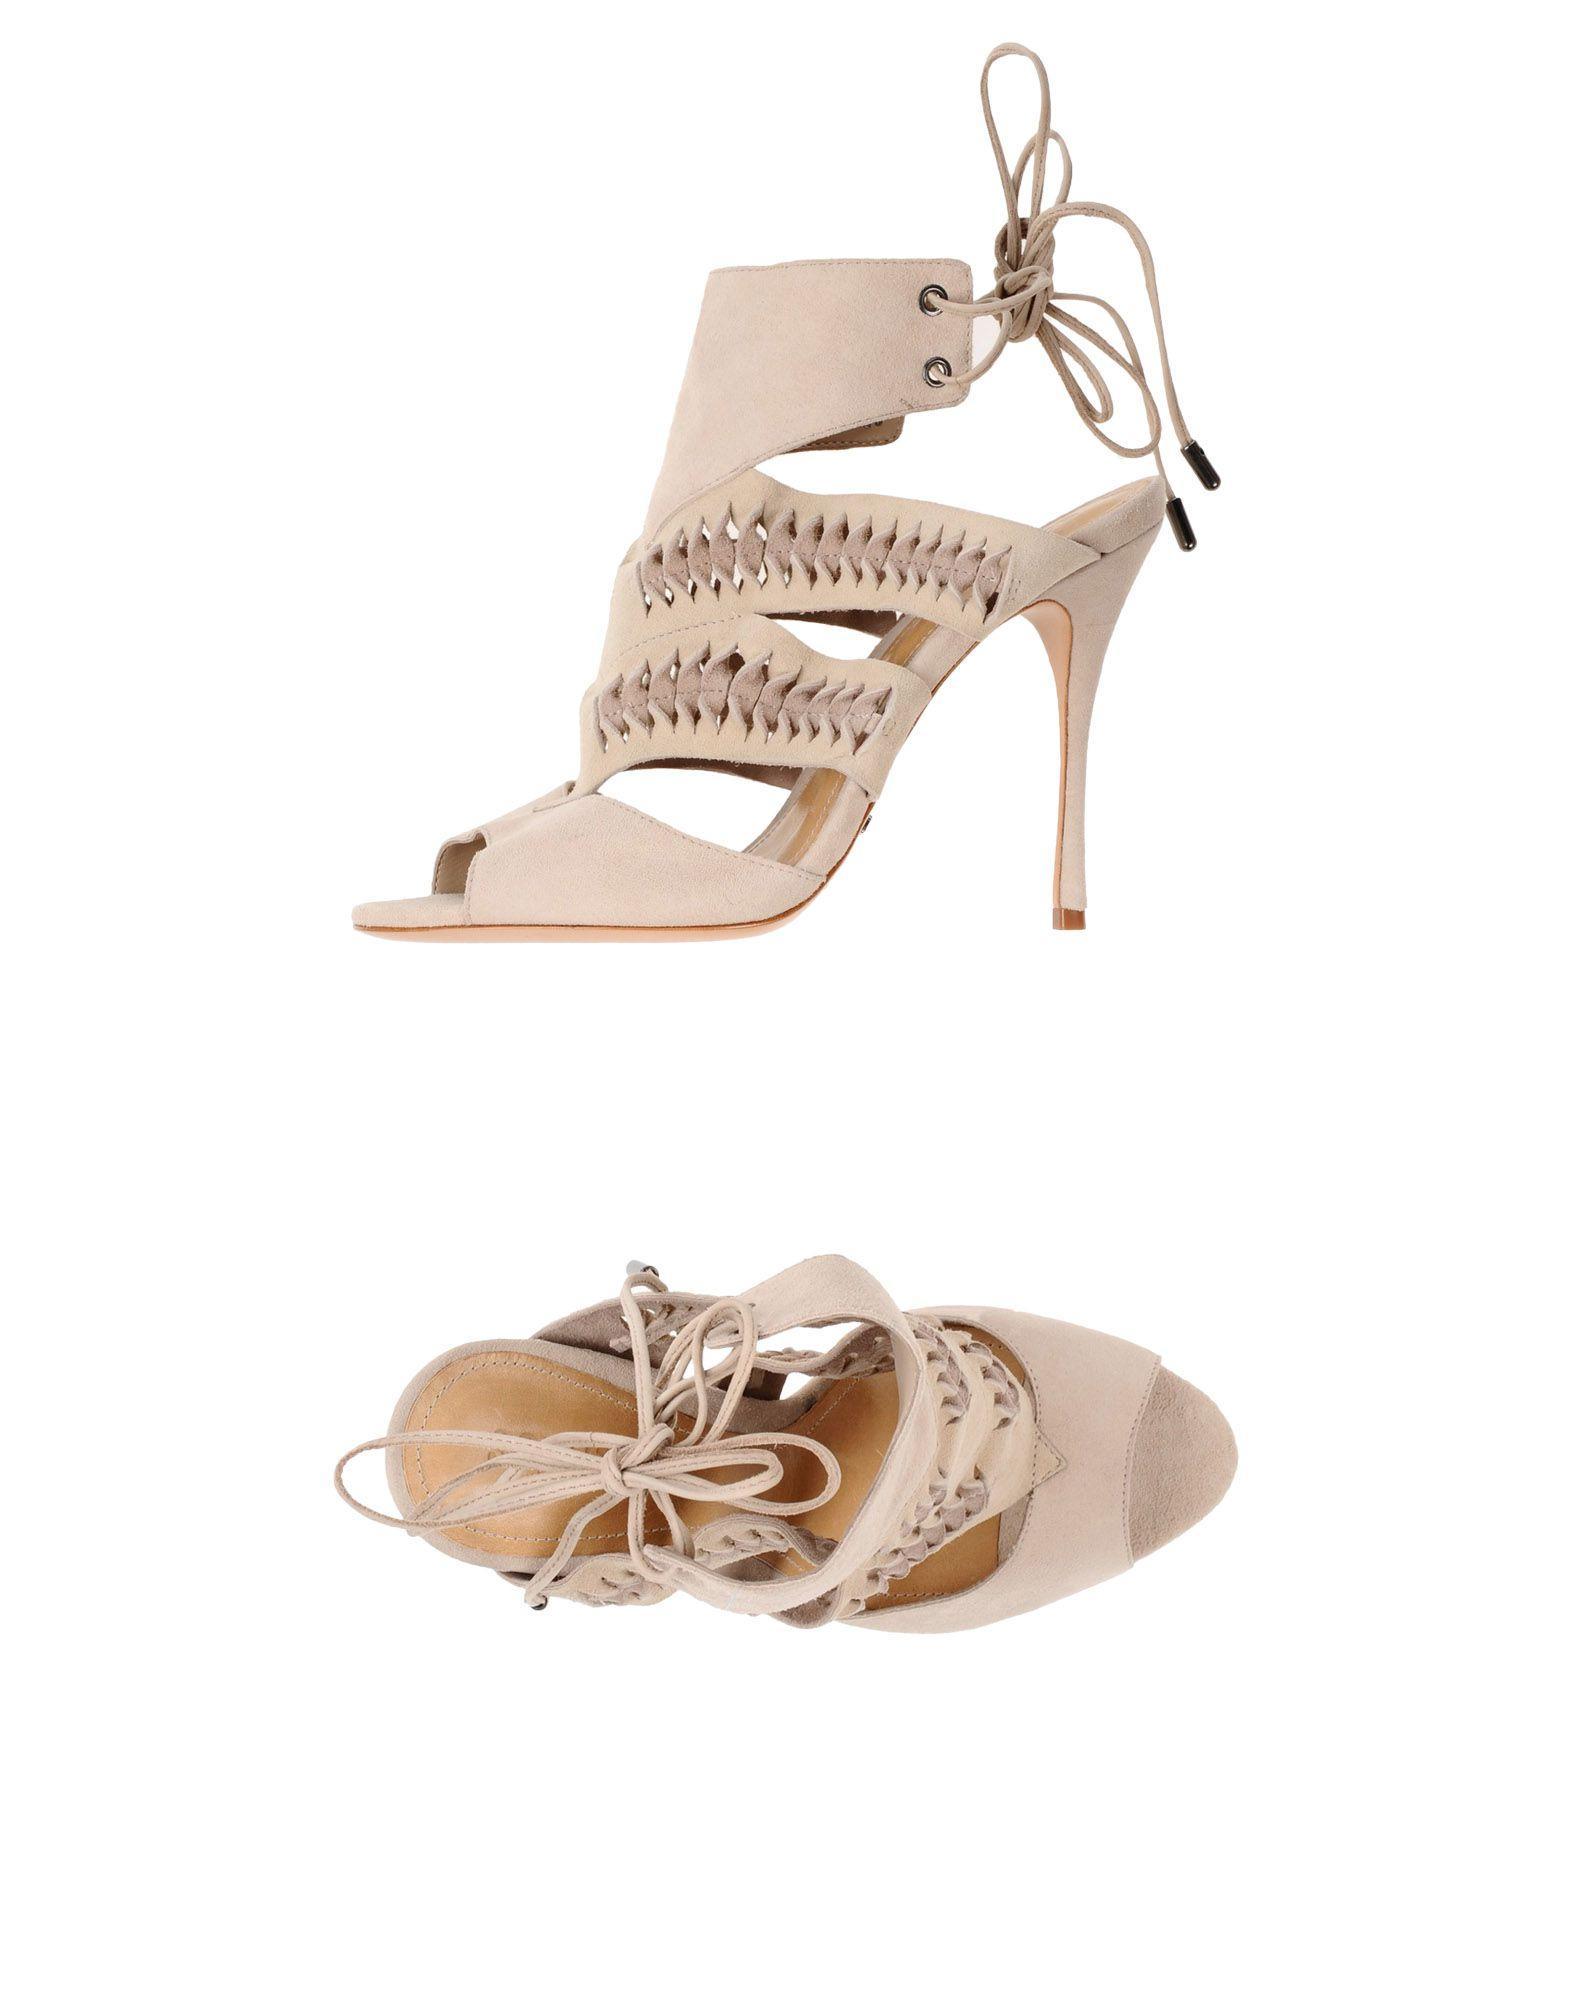 Schutz Sandals In Light Grey